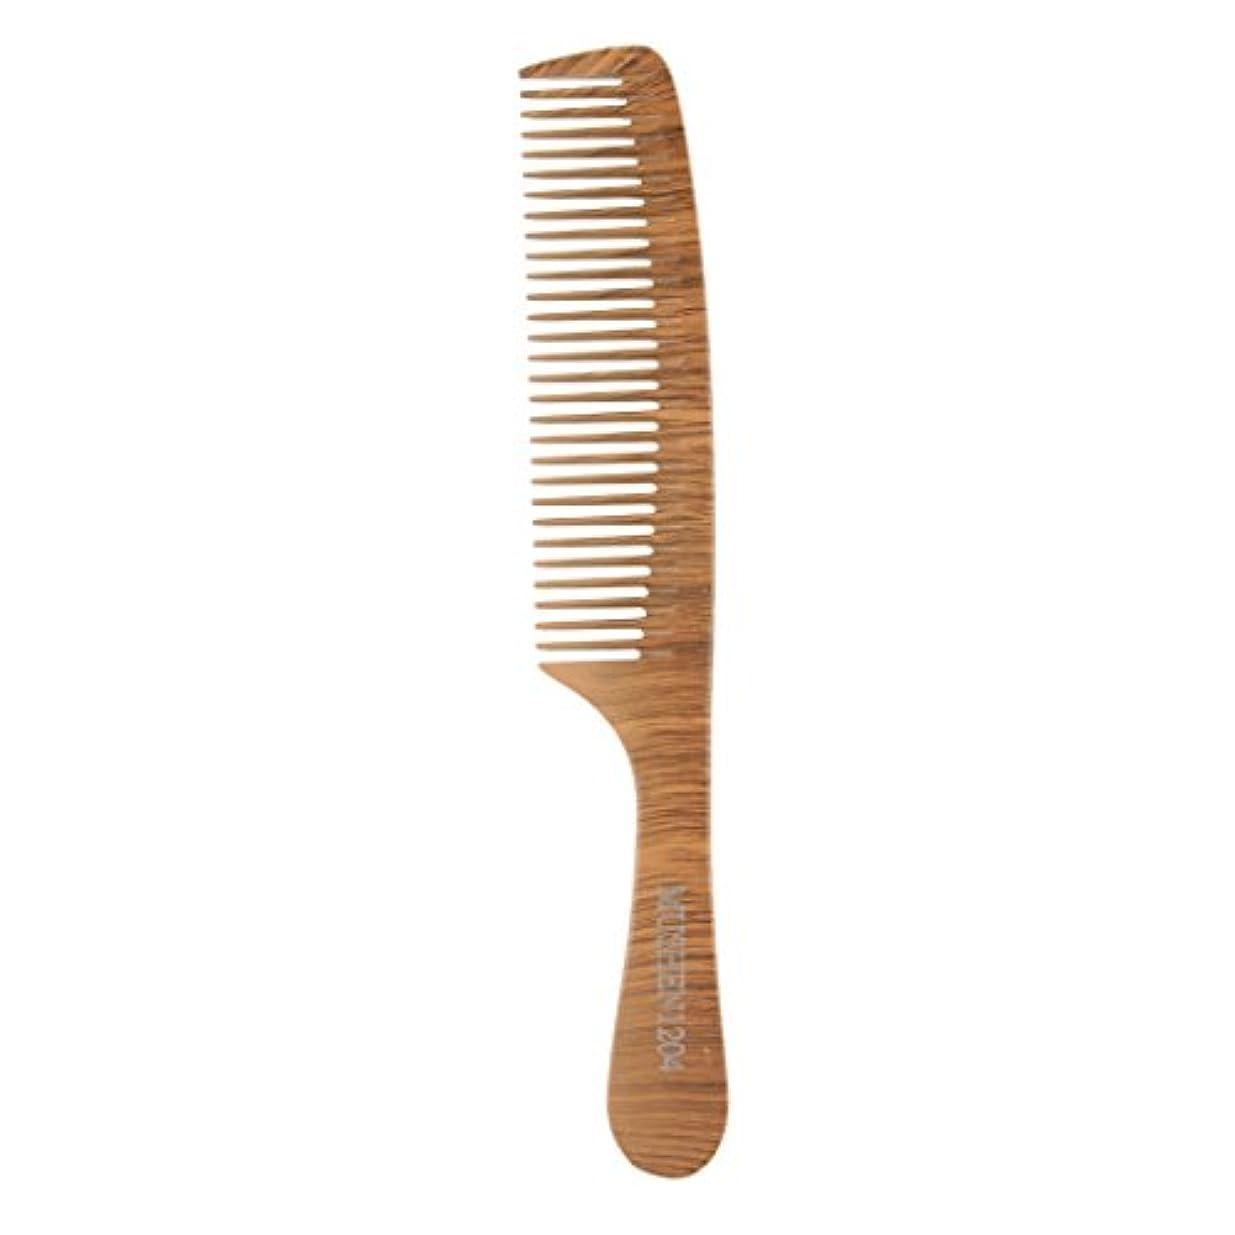 ミュージカル葉火山学者木の理髪のスタイリングの櫛、大広間およびホテルのヘアケアツールのための頑丈な細かい歯の毛の櫛 - 1204